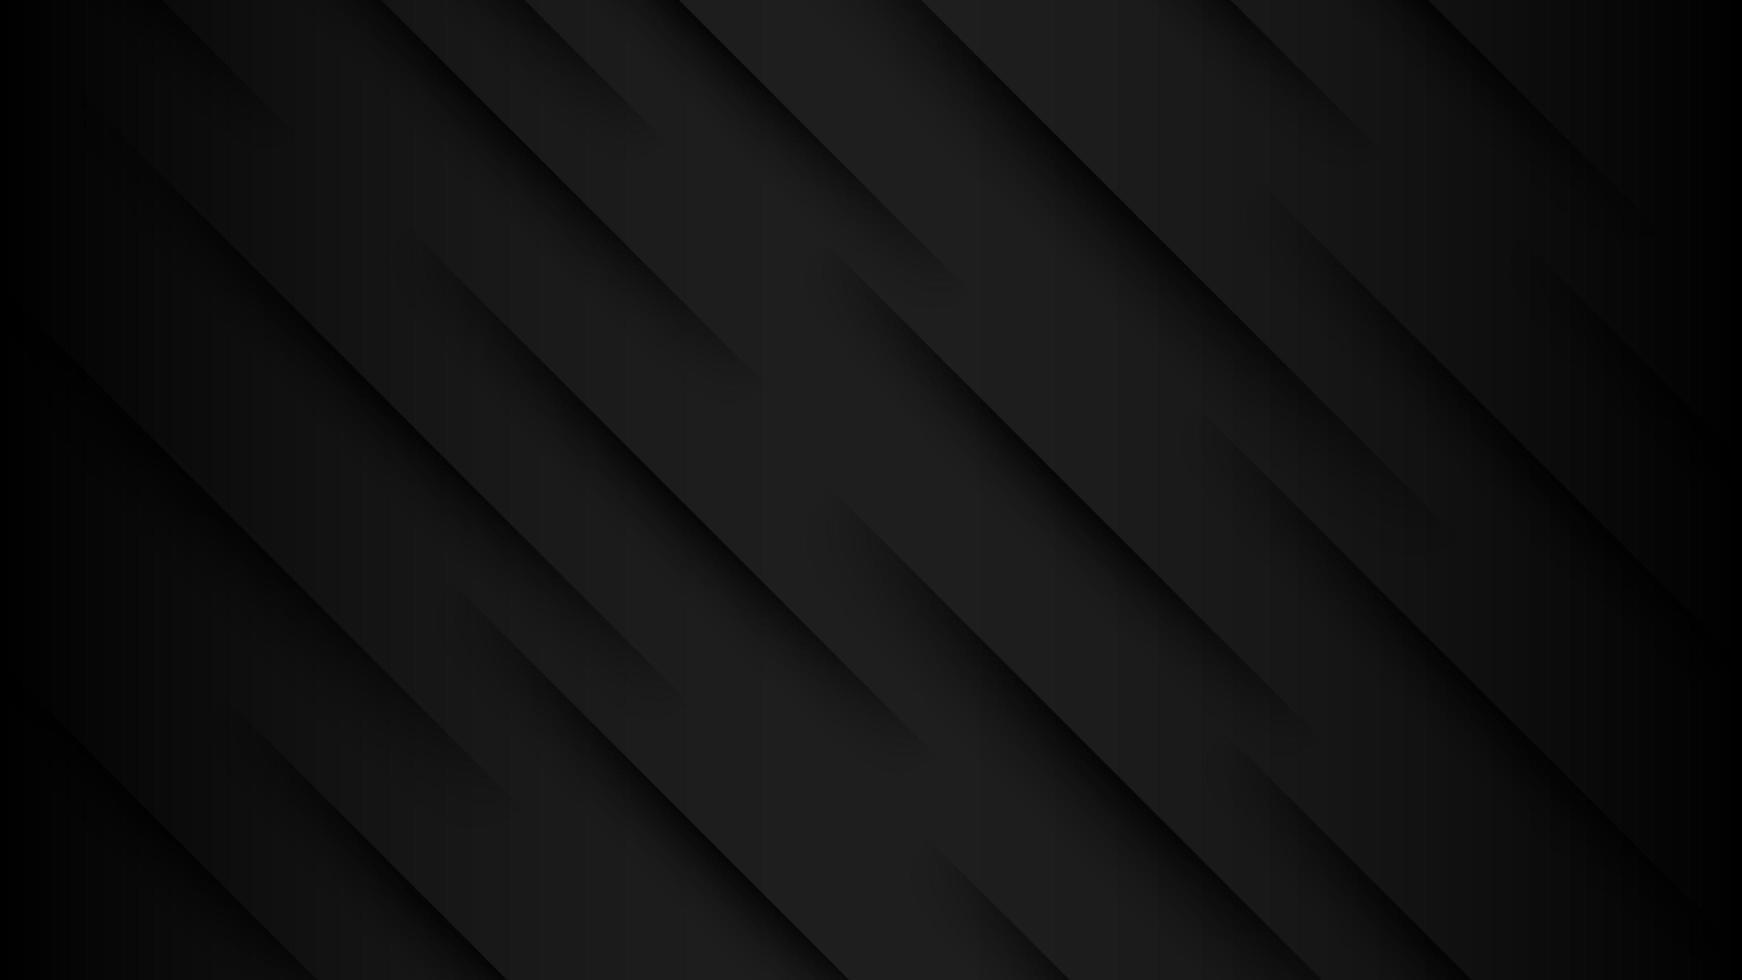 svart vinklat pappersslitsdesign vektor